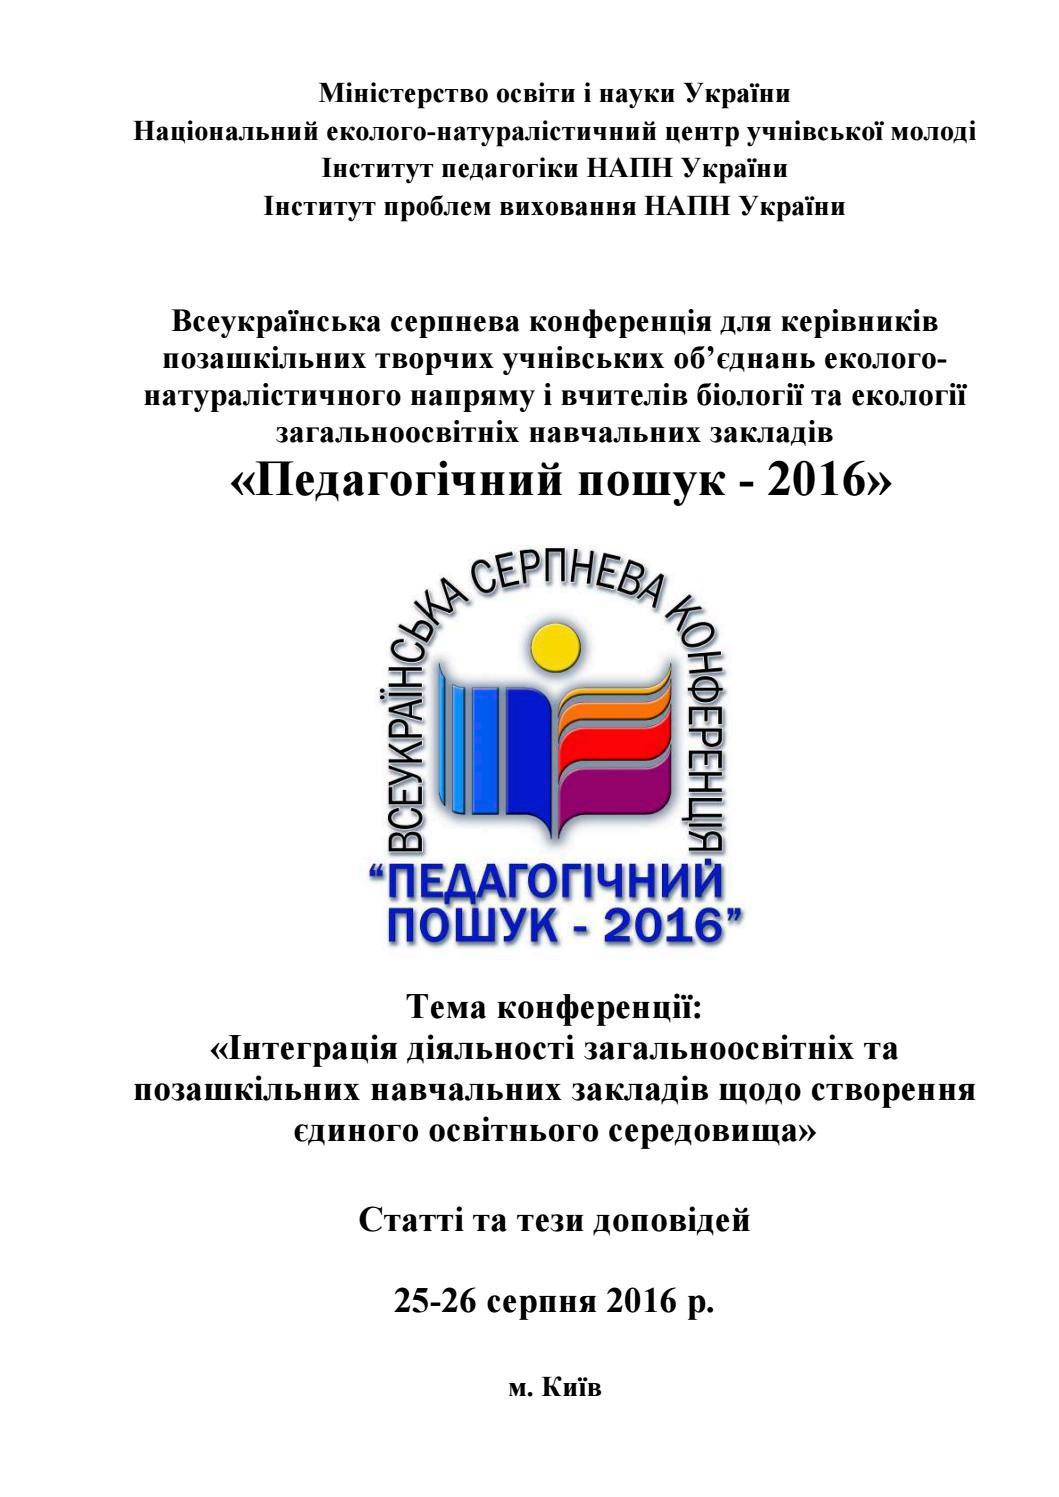 Всеукраїнська серпнева конференція «Педагогічний пошук – 2016» by НЕНЦ -  issuu 9efafa1c84903